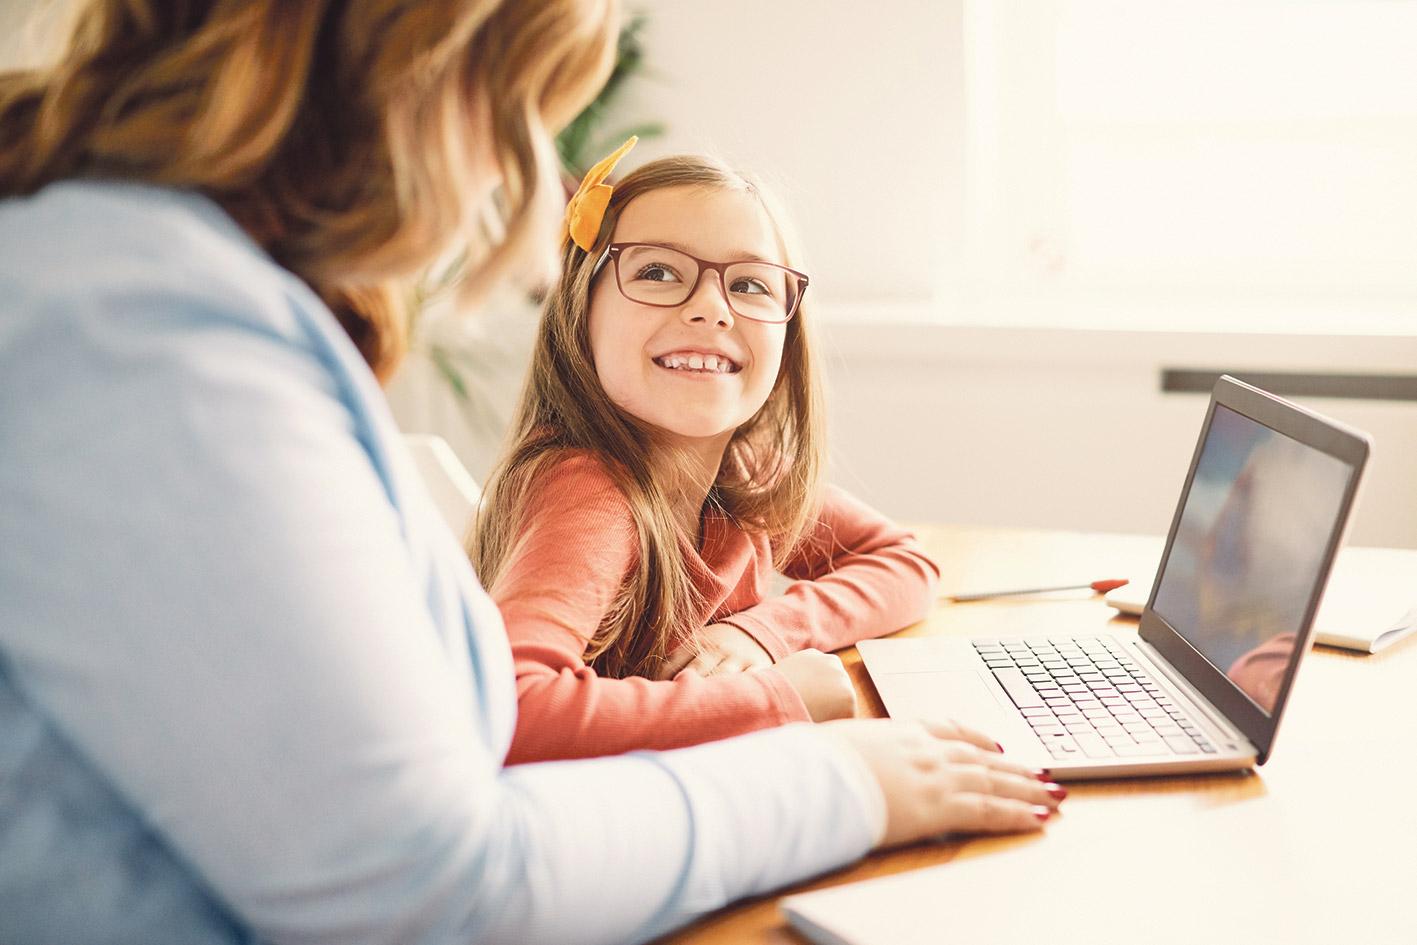 Ein Mädchen sitzt neben einer Frau und lernt am Laptop.